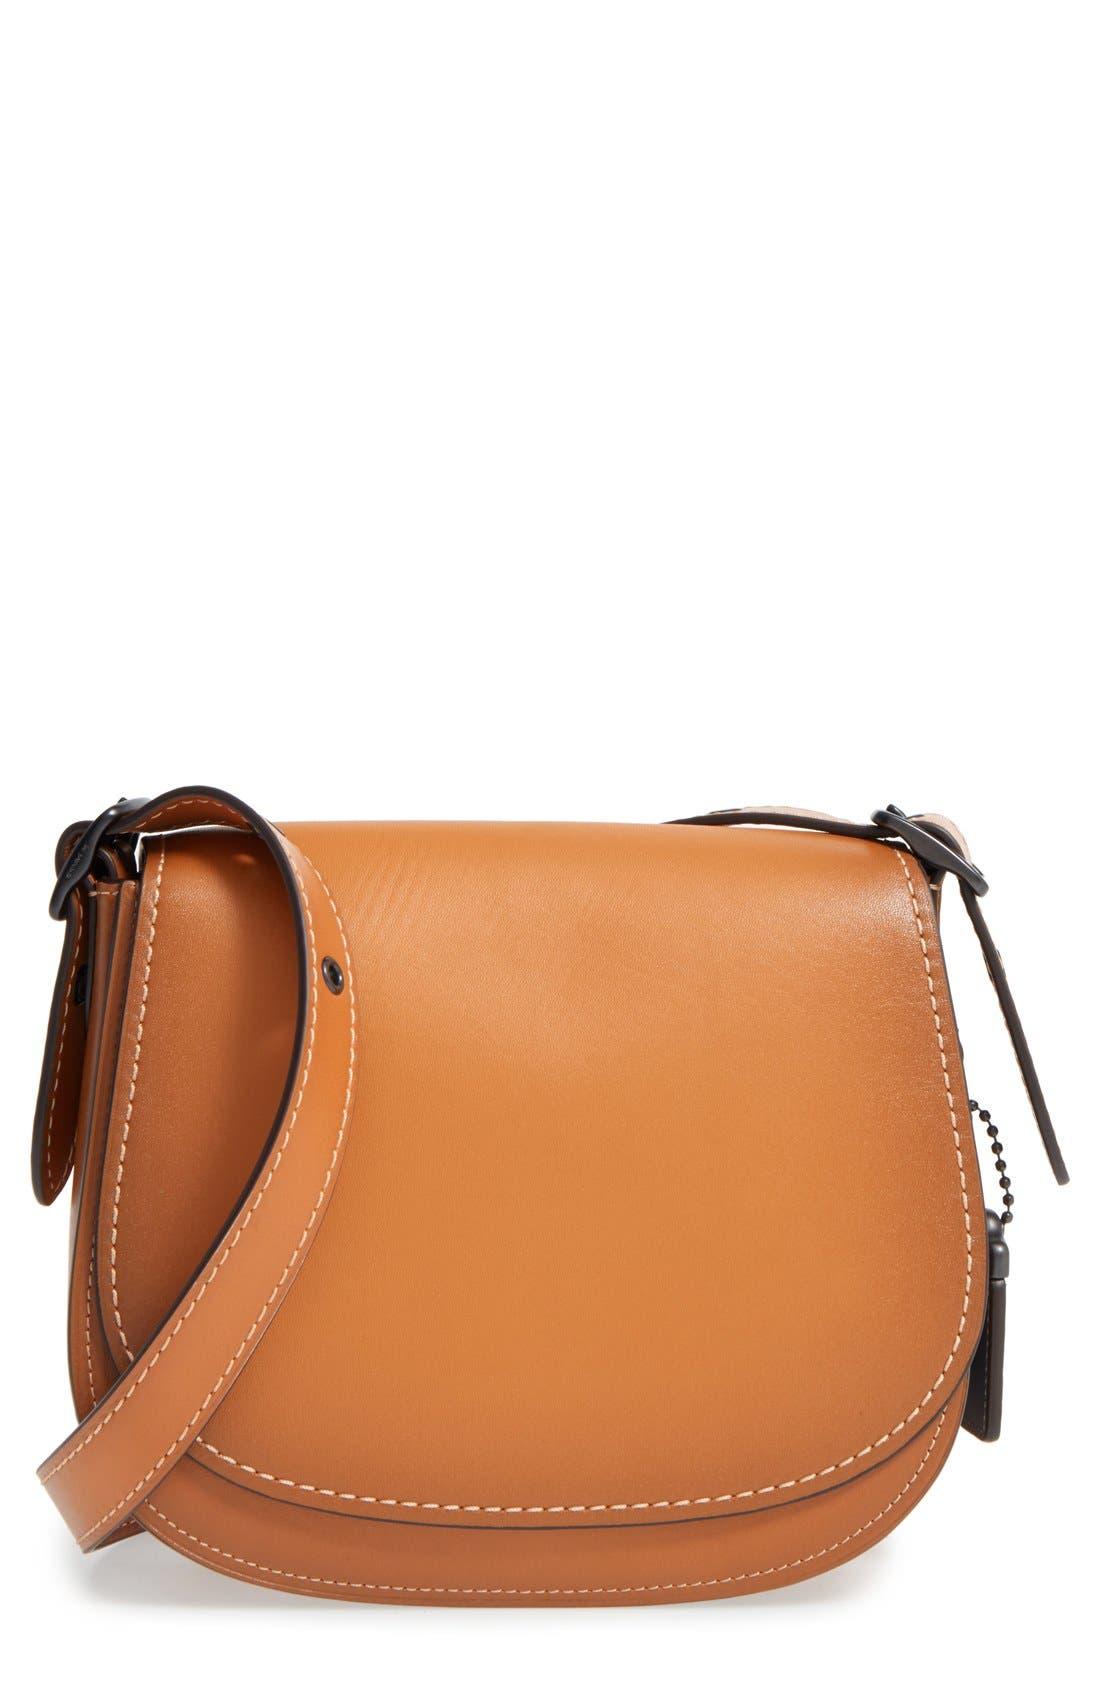 '23' Leather Saddle Bag,                             Main thumbnail 1, color,                             Butterscotch